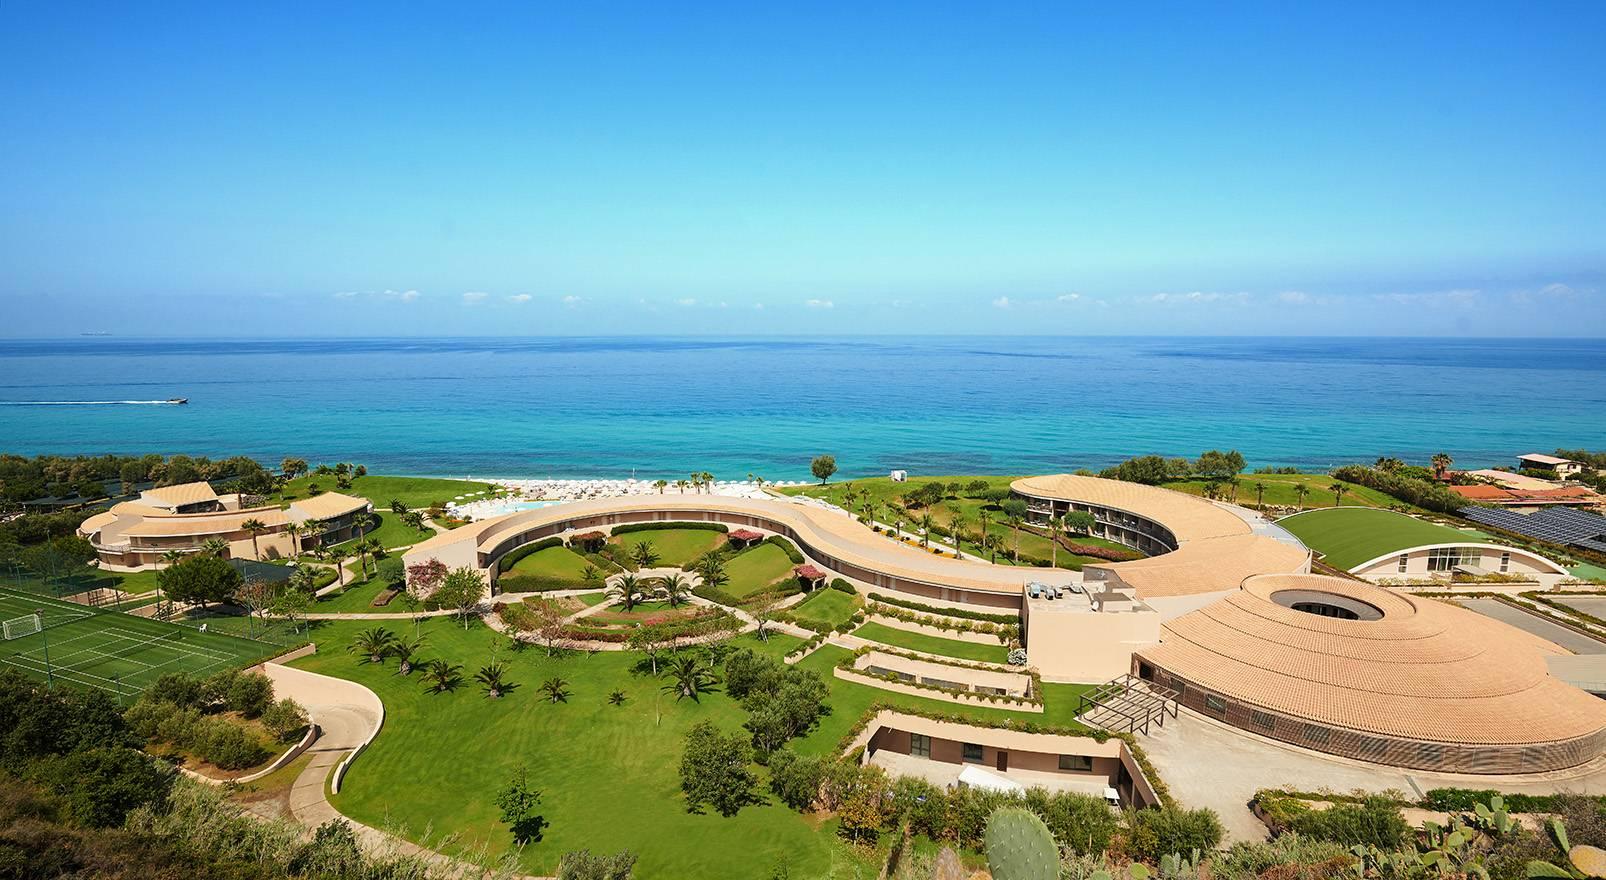 общий вид отеля Capovaticano Resort Thalasso & Spa